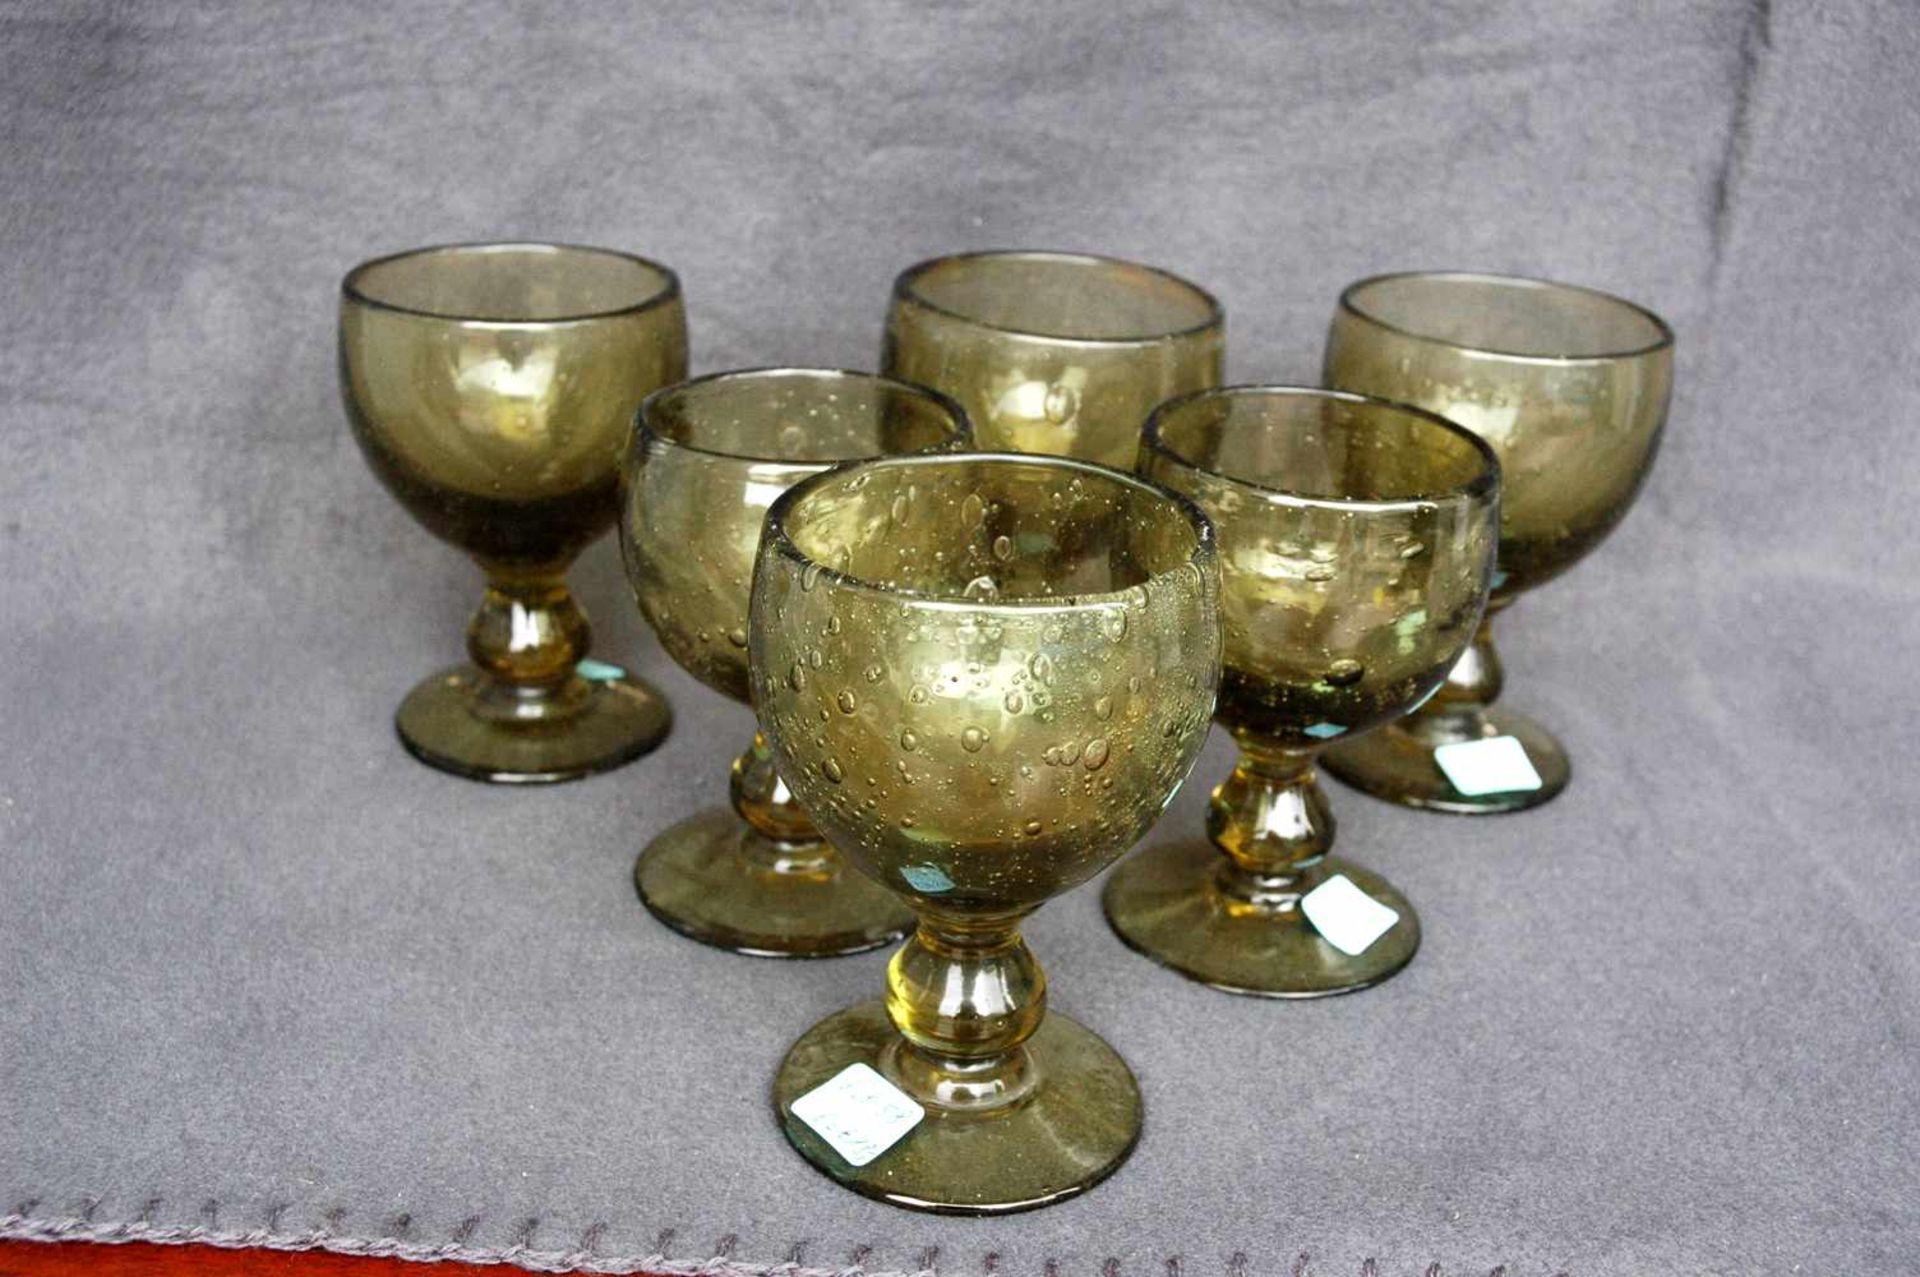 6 Weingläser, gelb-grünliches Glas mit Lufteinschlüssen, Abriß ausgeschliffen